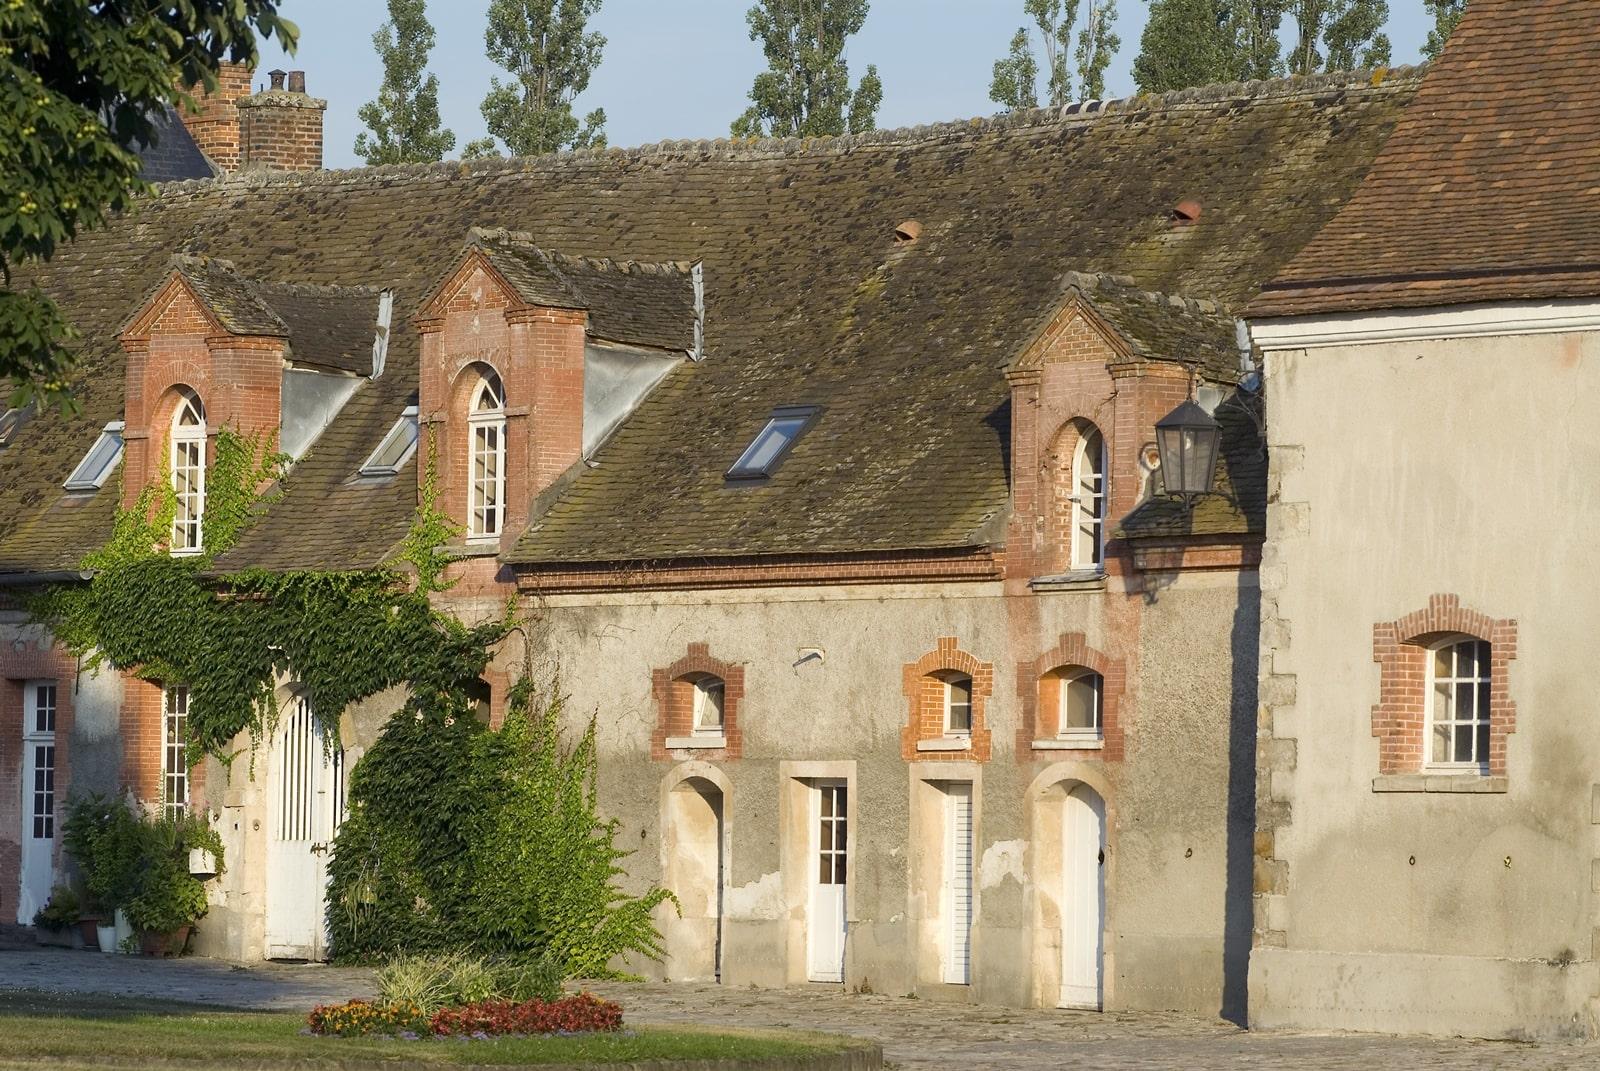 Chateau-Grosbois-3